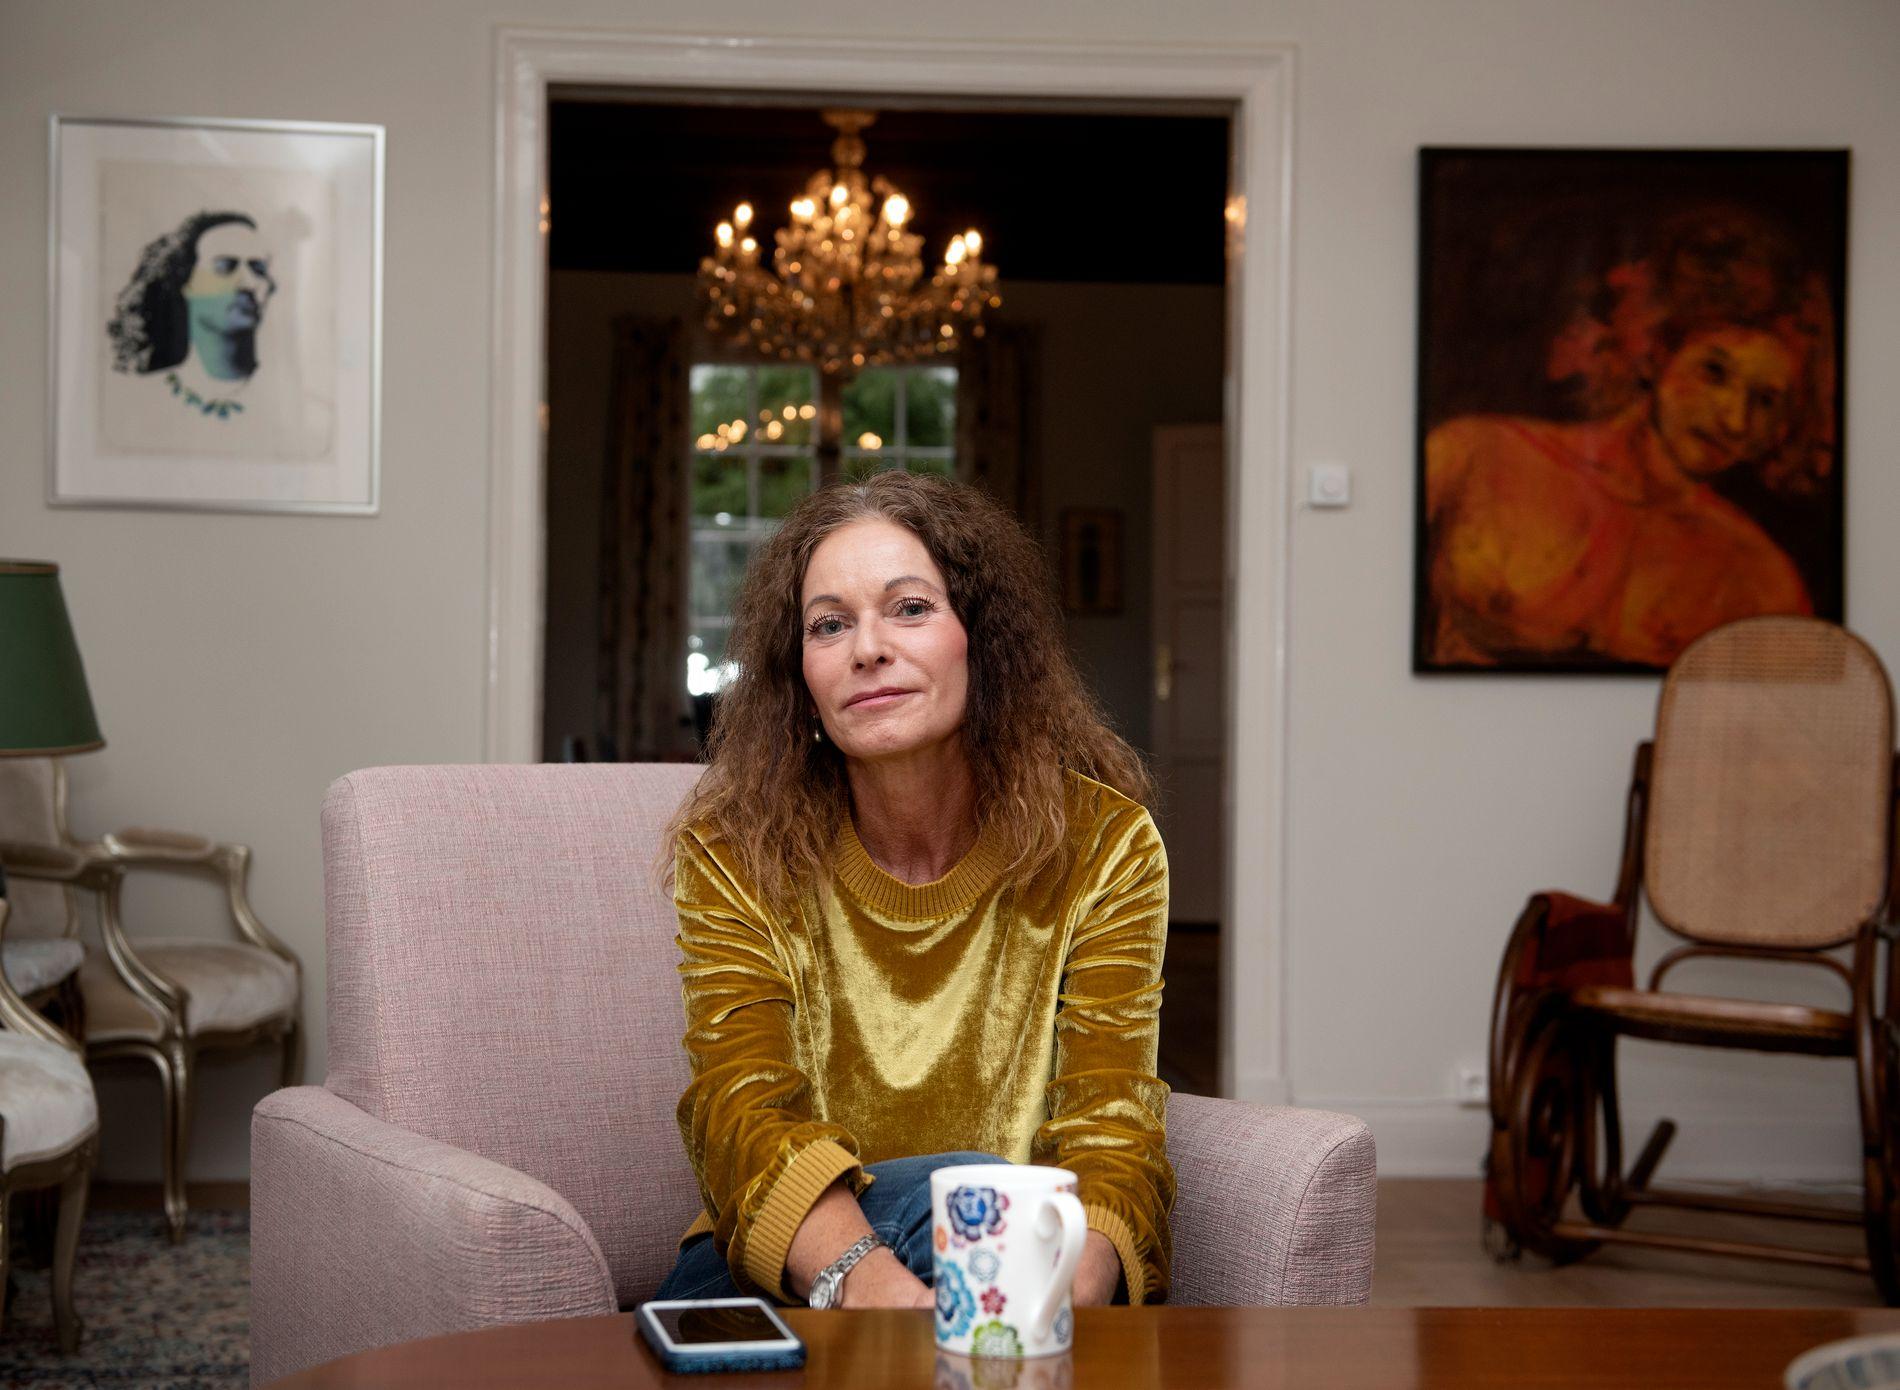 SUSPENDERT: Kari Lossius er suspendert fra jobben sin etter beskyldninger om feilrapportering av pasientinformasjon, og økonomisk tap for bedriften. Hun bestrider beskyldningene. Her fotografert i sitt eget hjem i forrige uke.